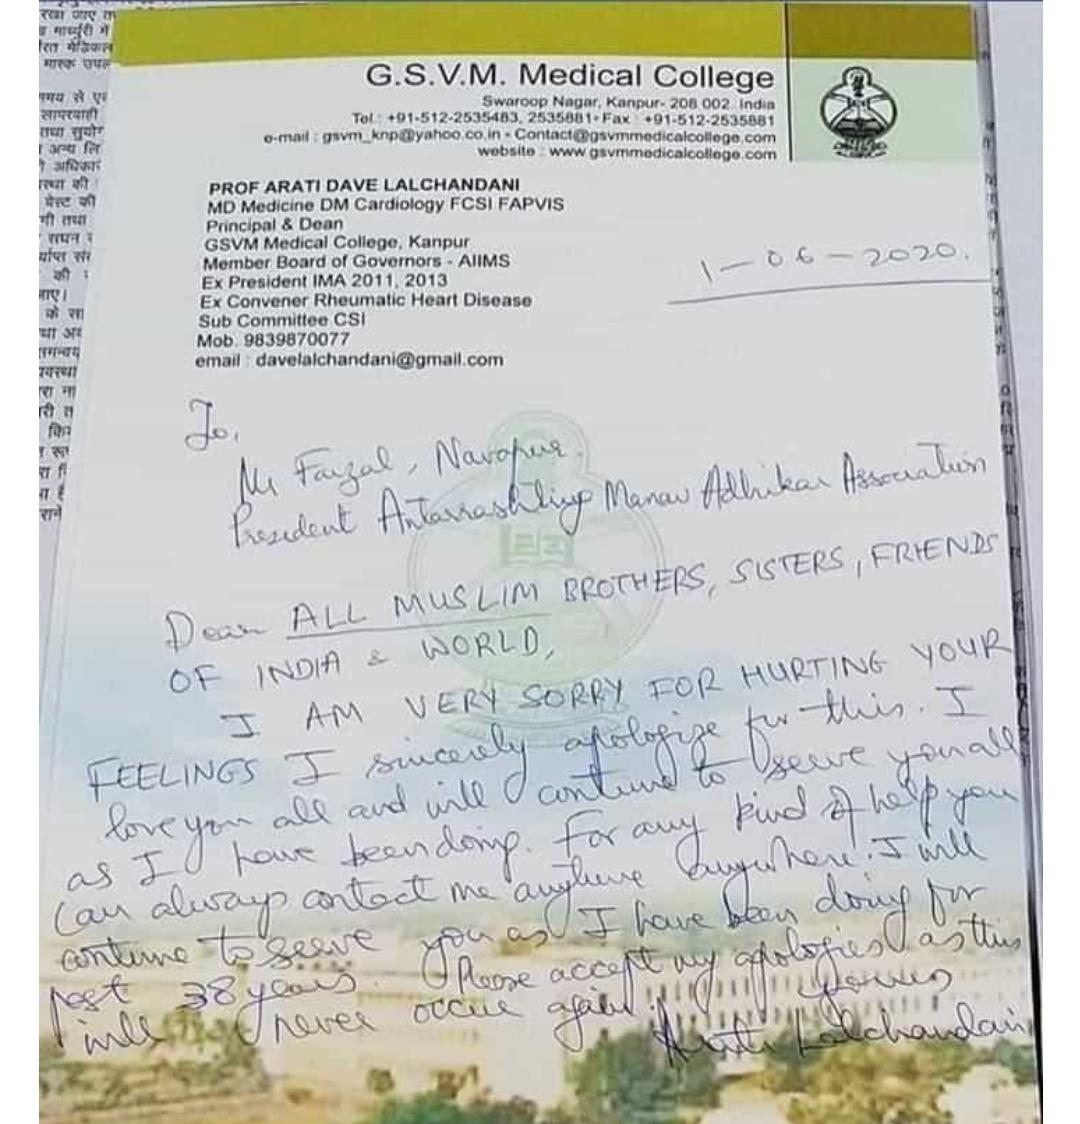 अपने दिए जहरीले और नफ़रत भरे बयान के लिए डॉक्टर चंदानी ने दुनिया के मुस्लिमों से माफ़ी मांगी! 1